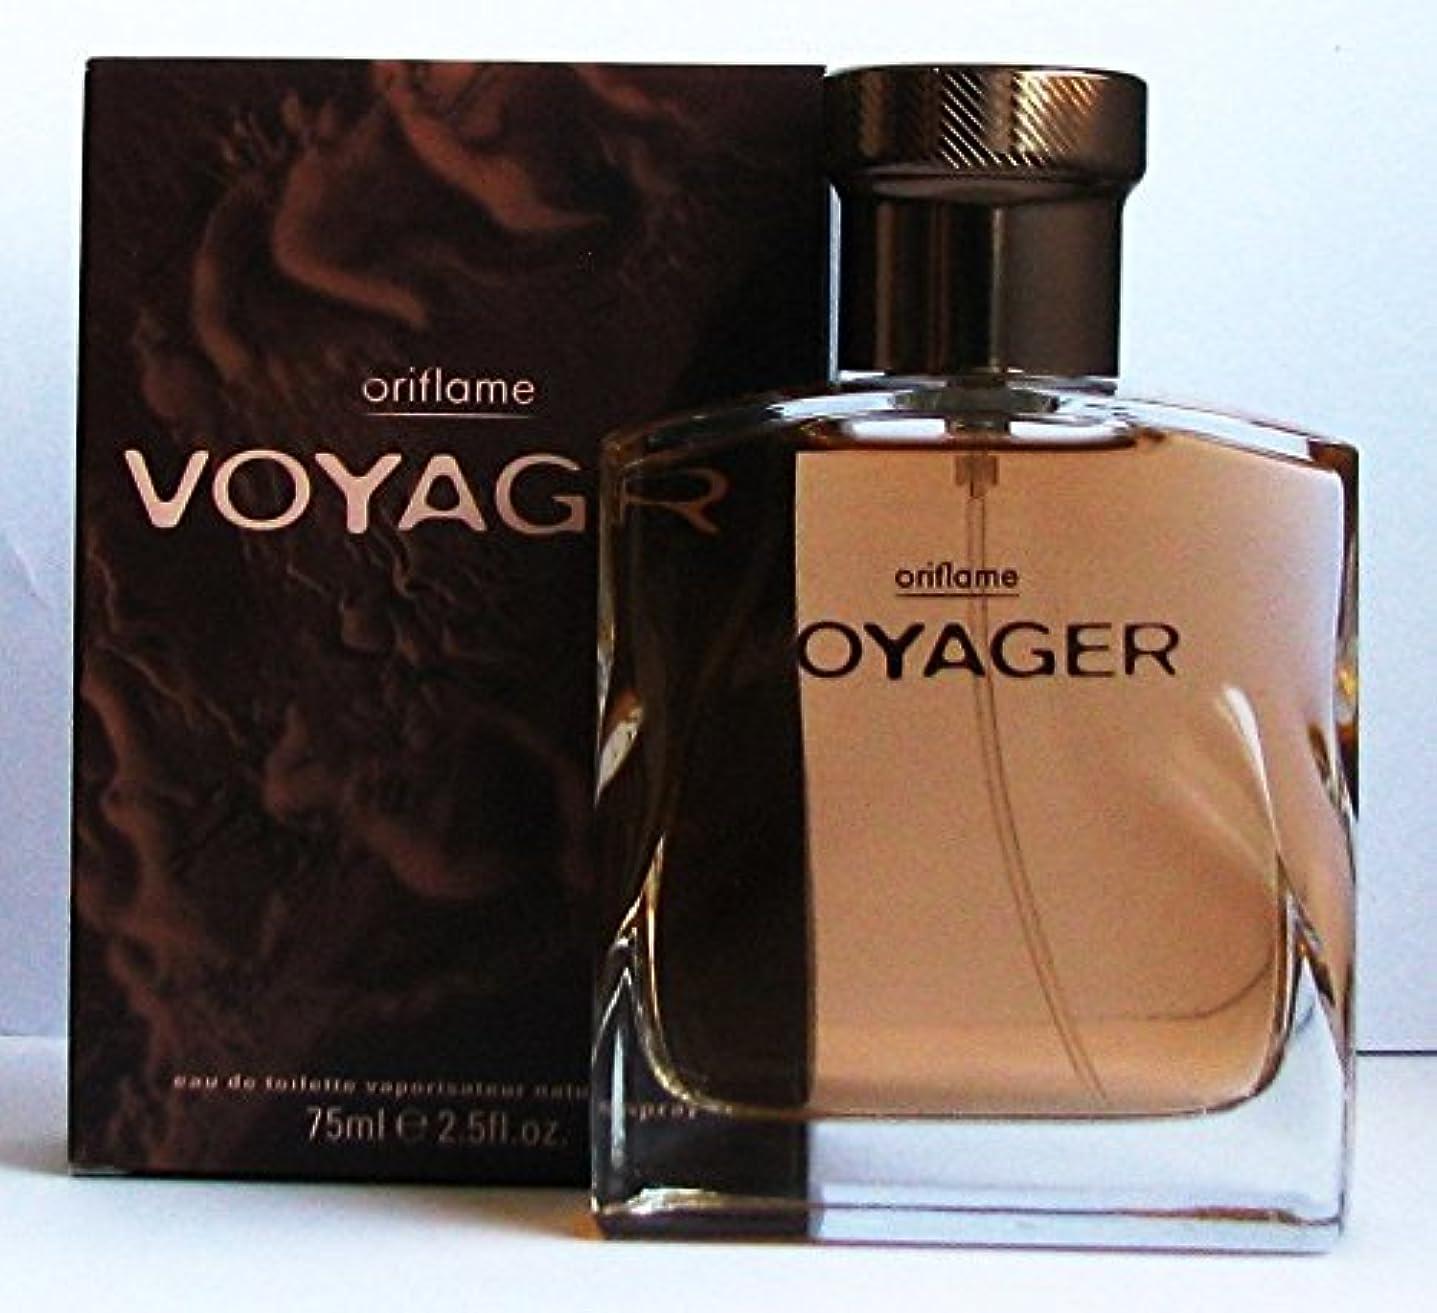 数学者守る休日にORIFLAME Voyager Eau de Toilette Natural Spray For Him 75ml - 2.5oz